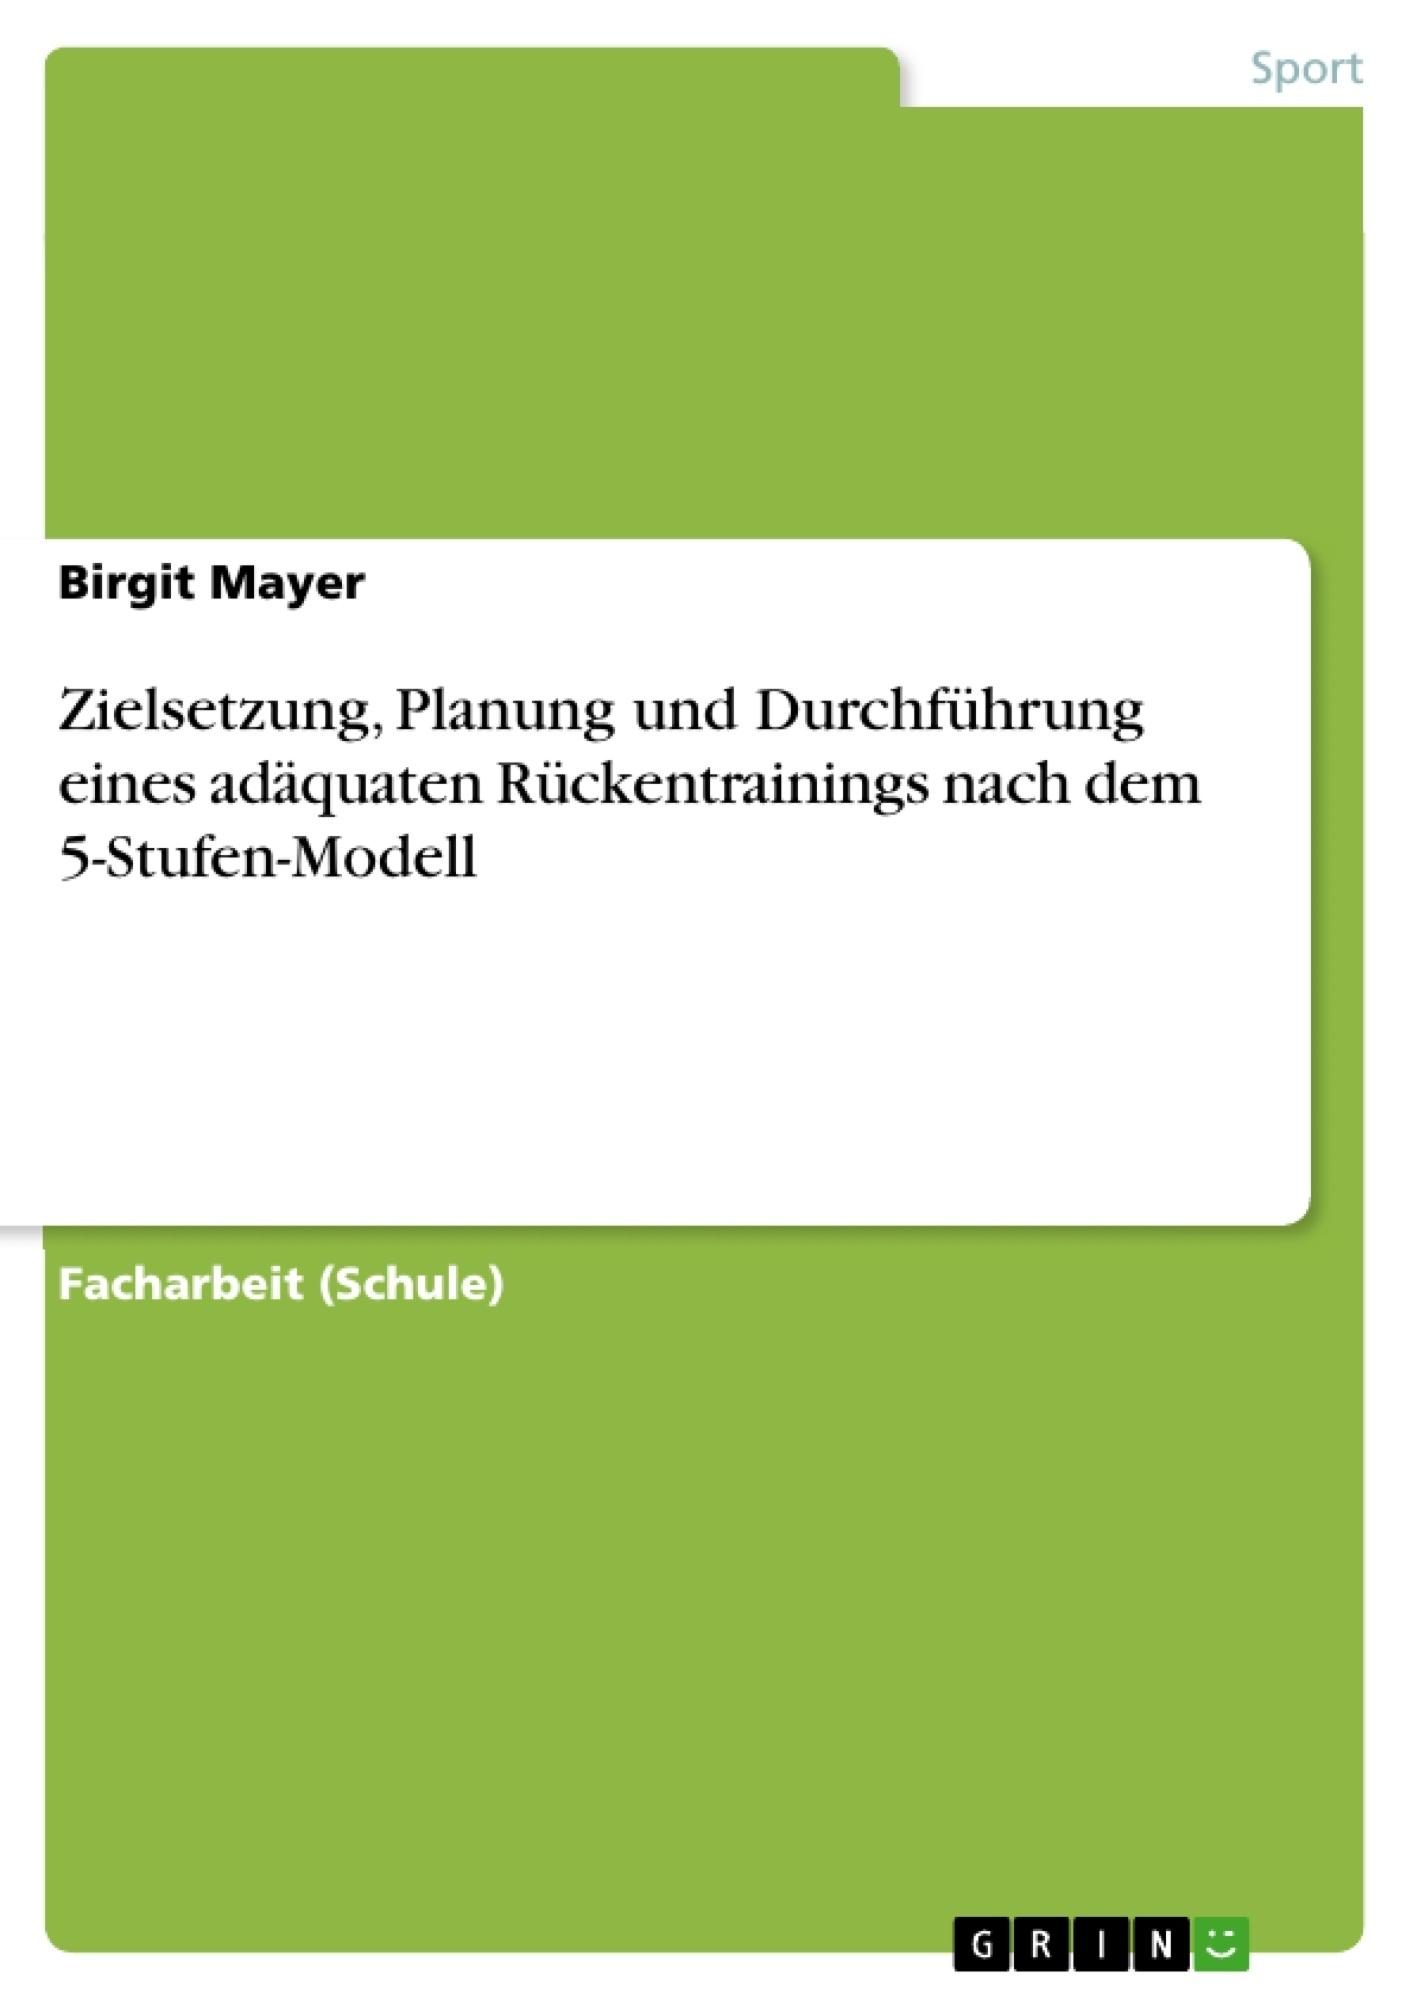 Titel: Zielsetzung, Planung und Durchführung eines adäquaten Rückentrainings nach dem 5-Stufen-Modell